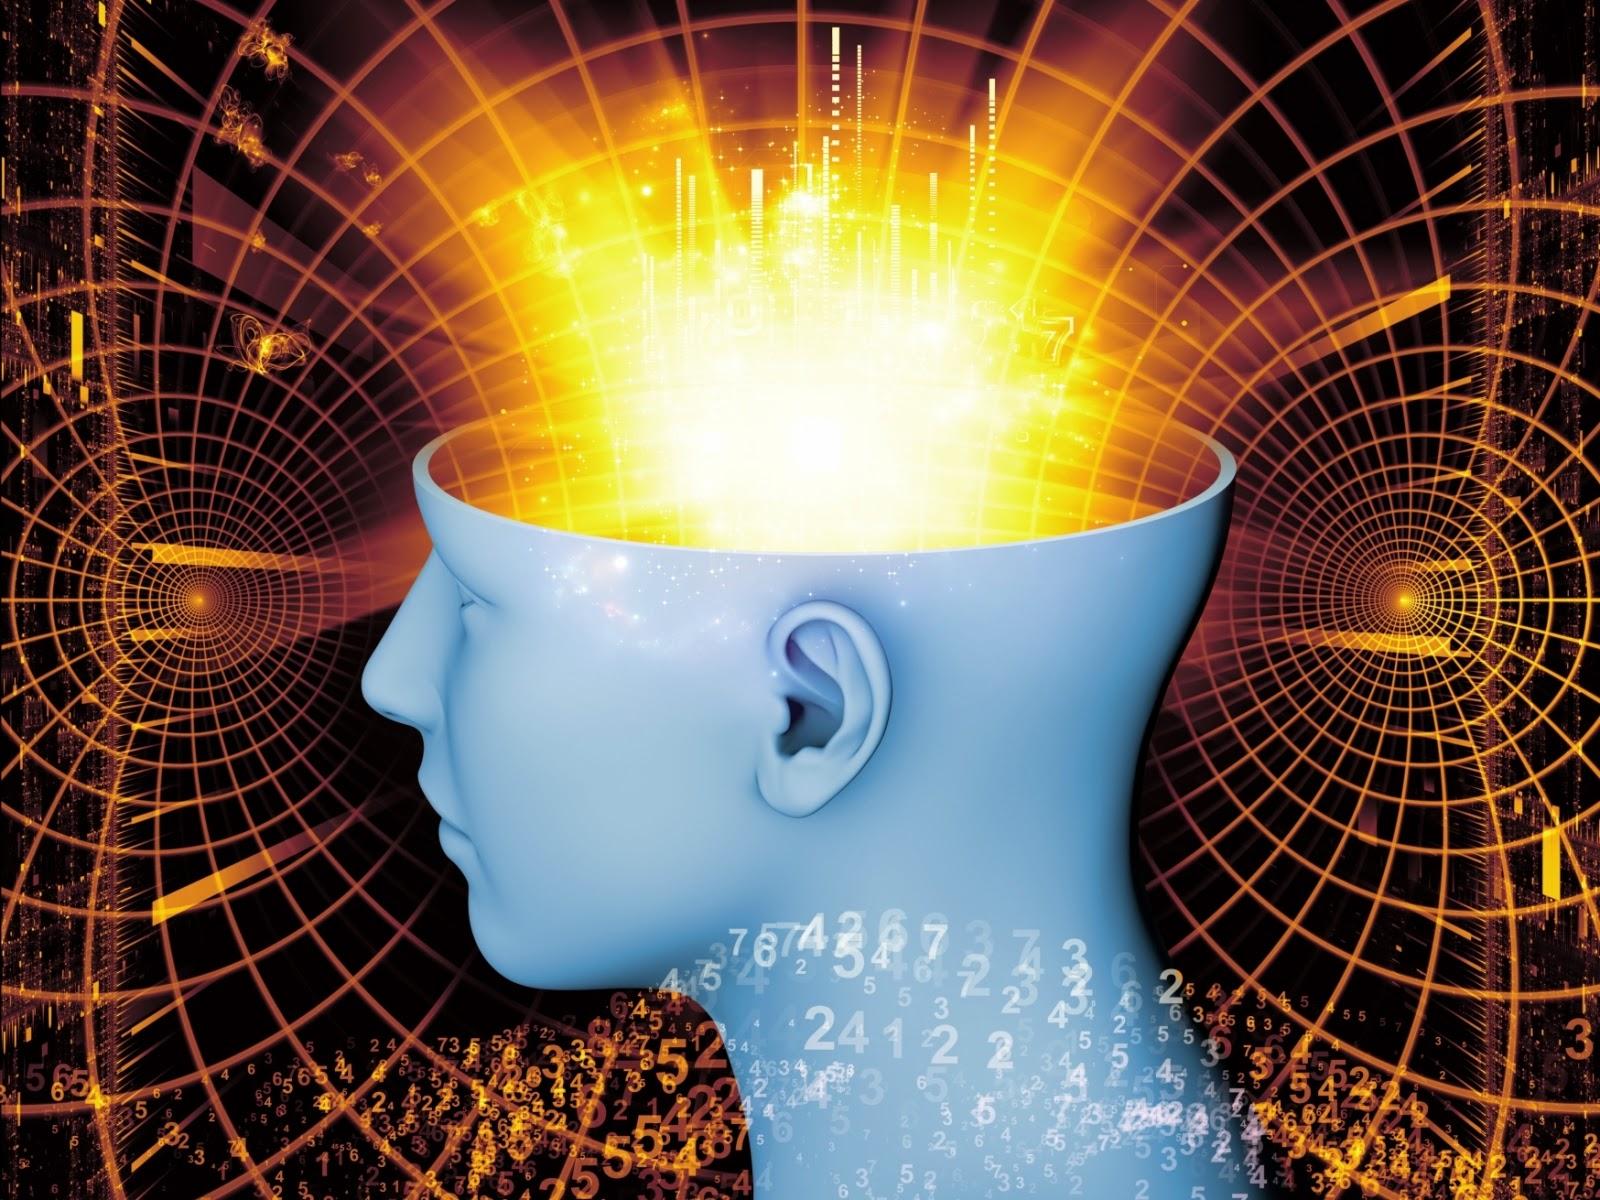 consciência, mente, saúde, crescimento